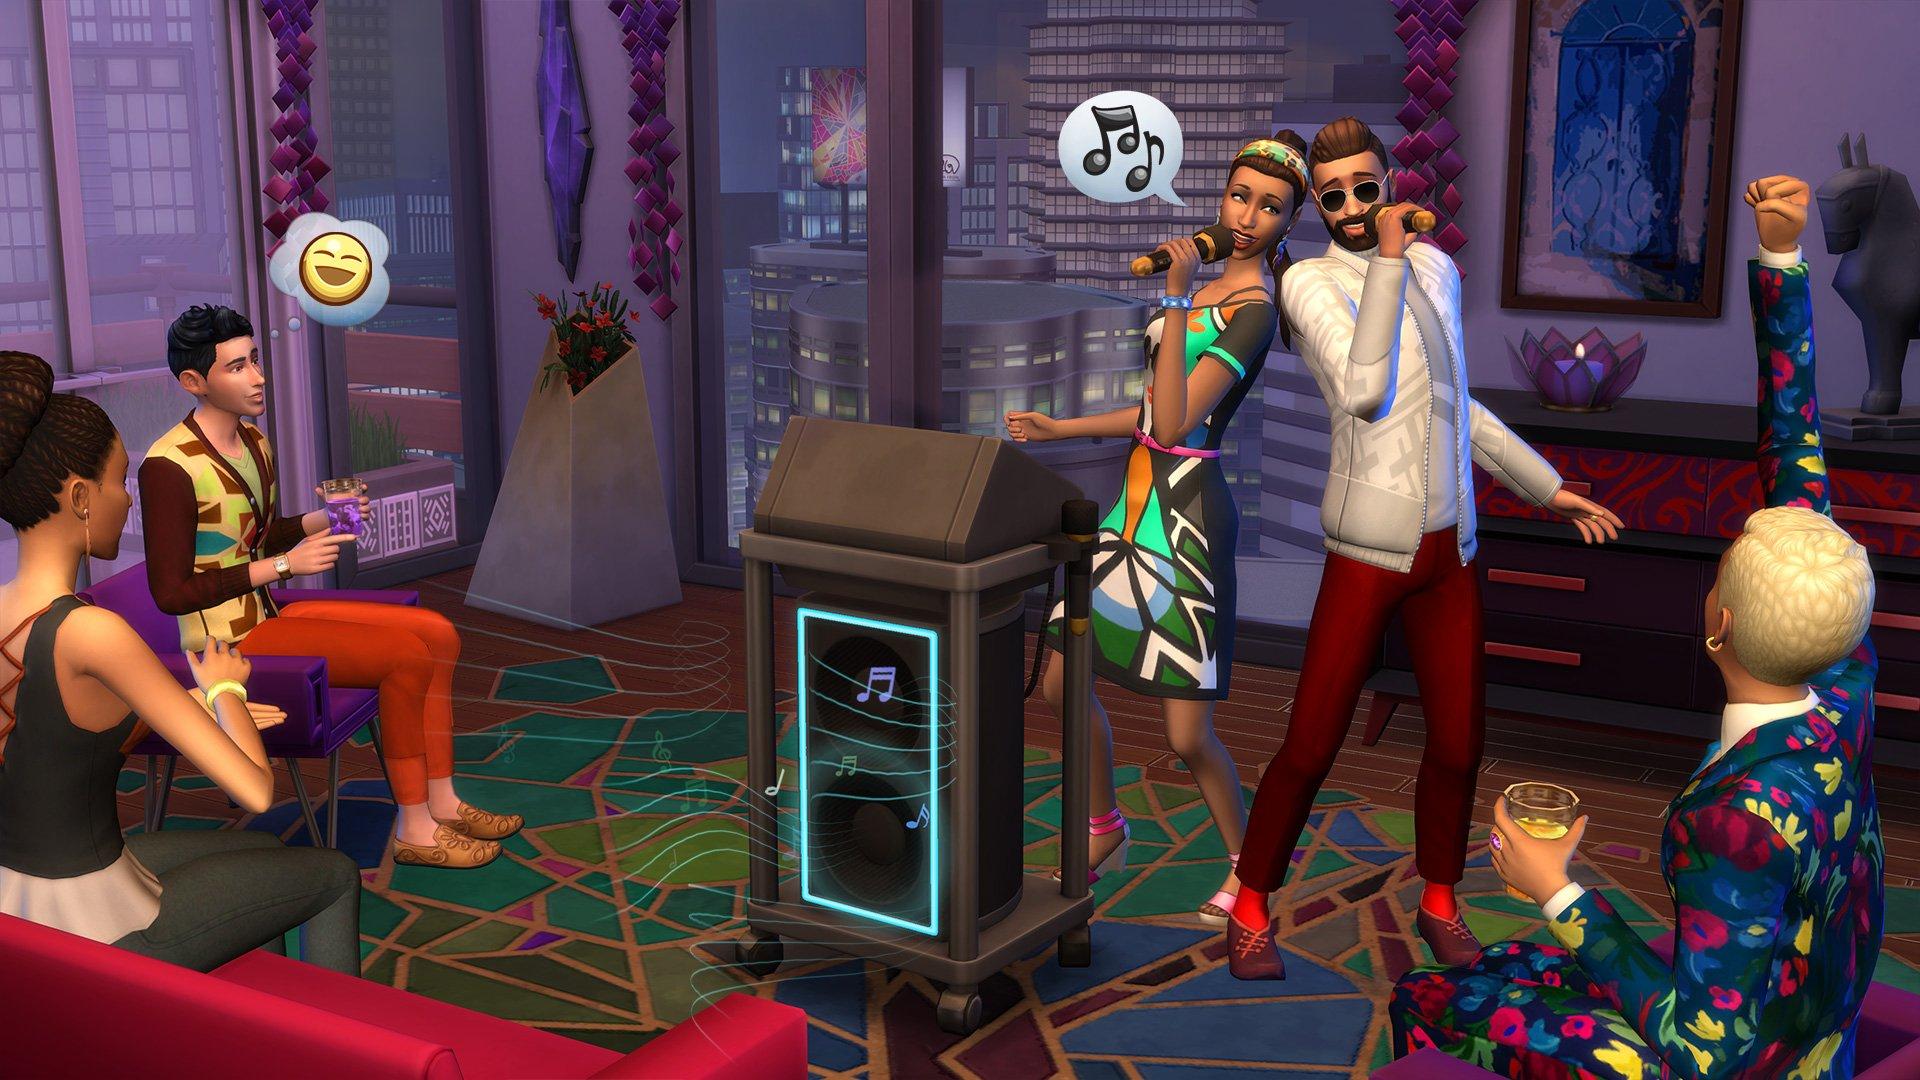 Weirdest dating sims cracked